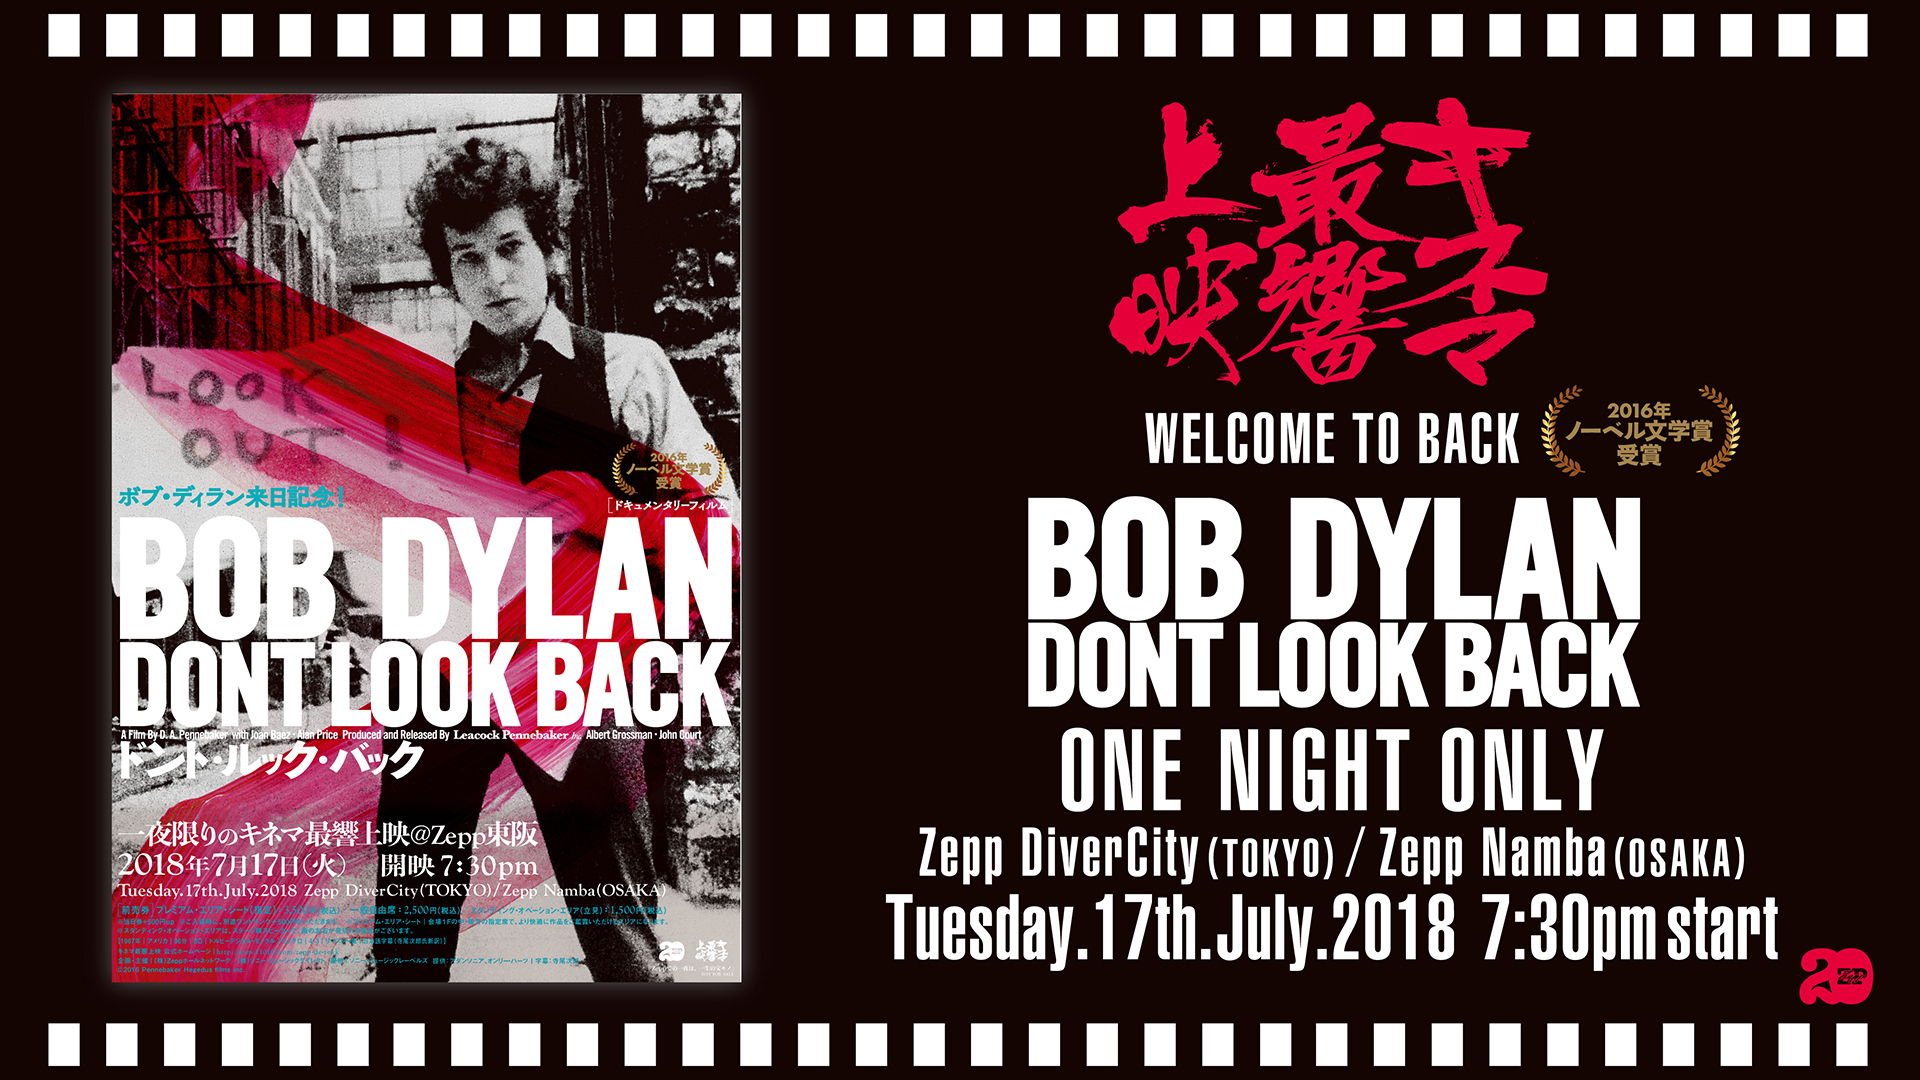 ボブ・ディラン来日記念!ドキュメンタリー・フィルム『ドント・ルック・バック』